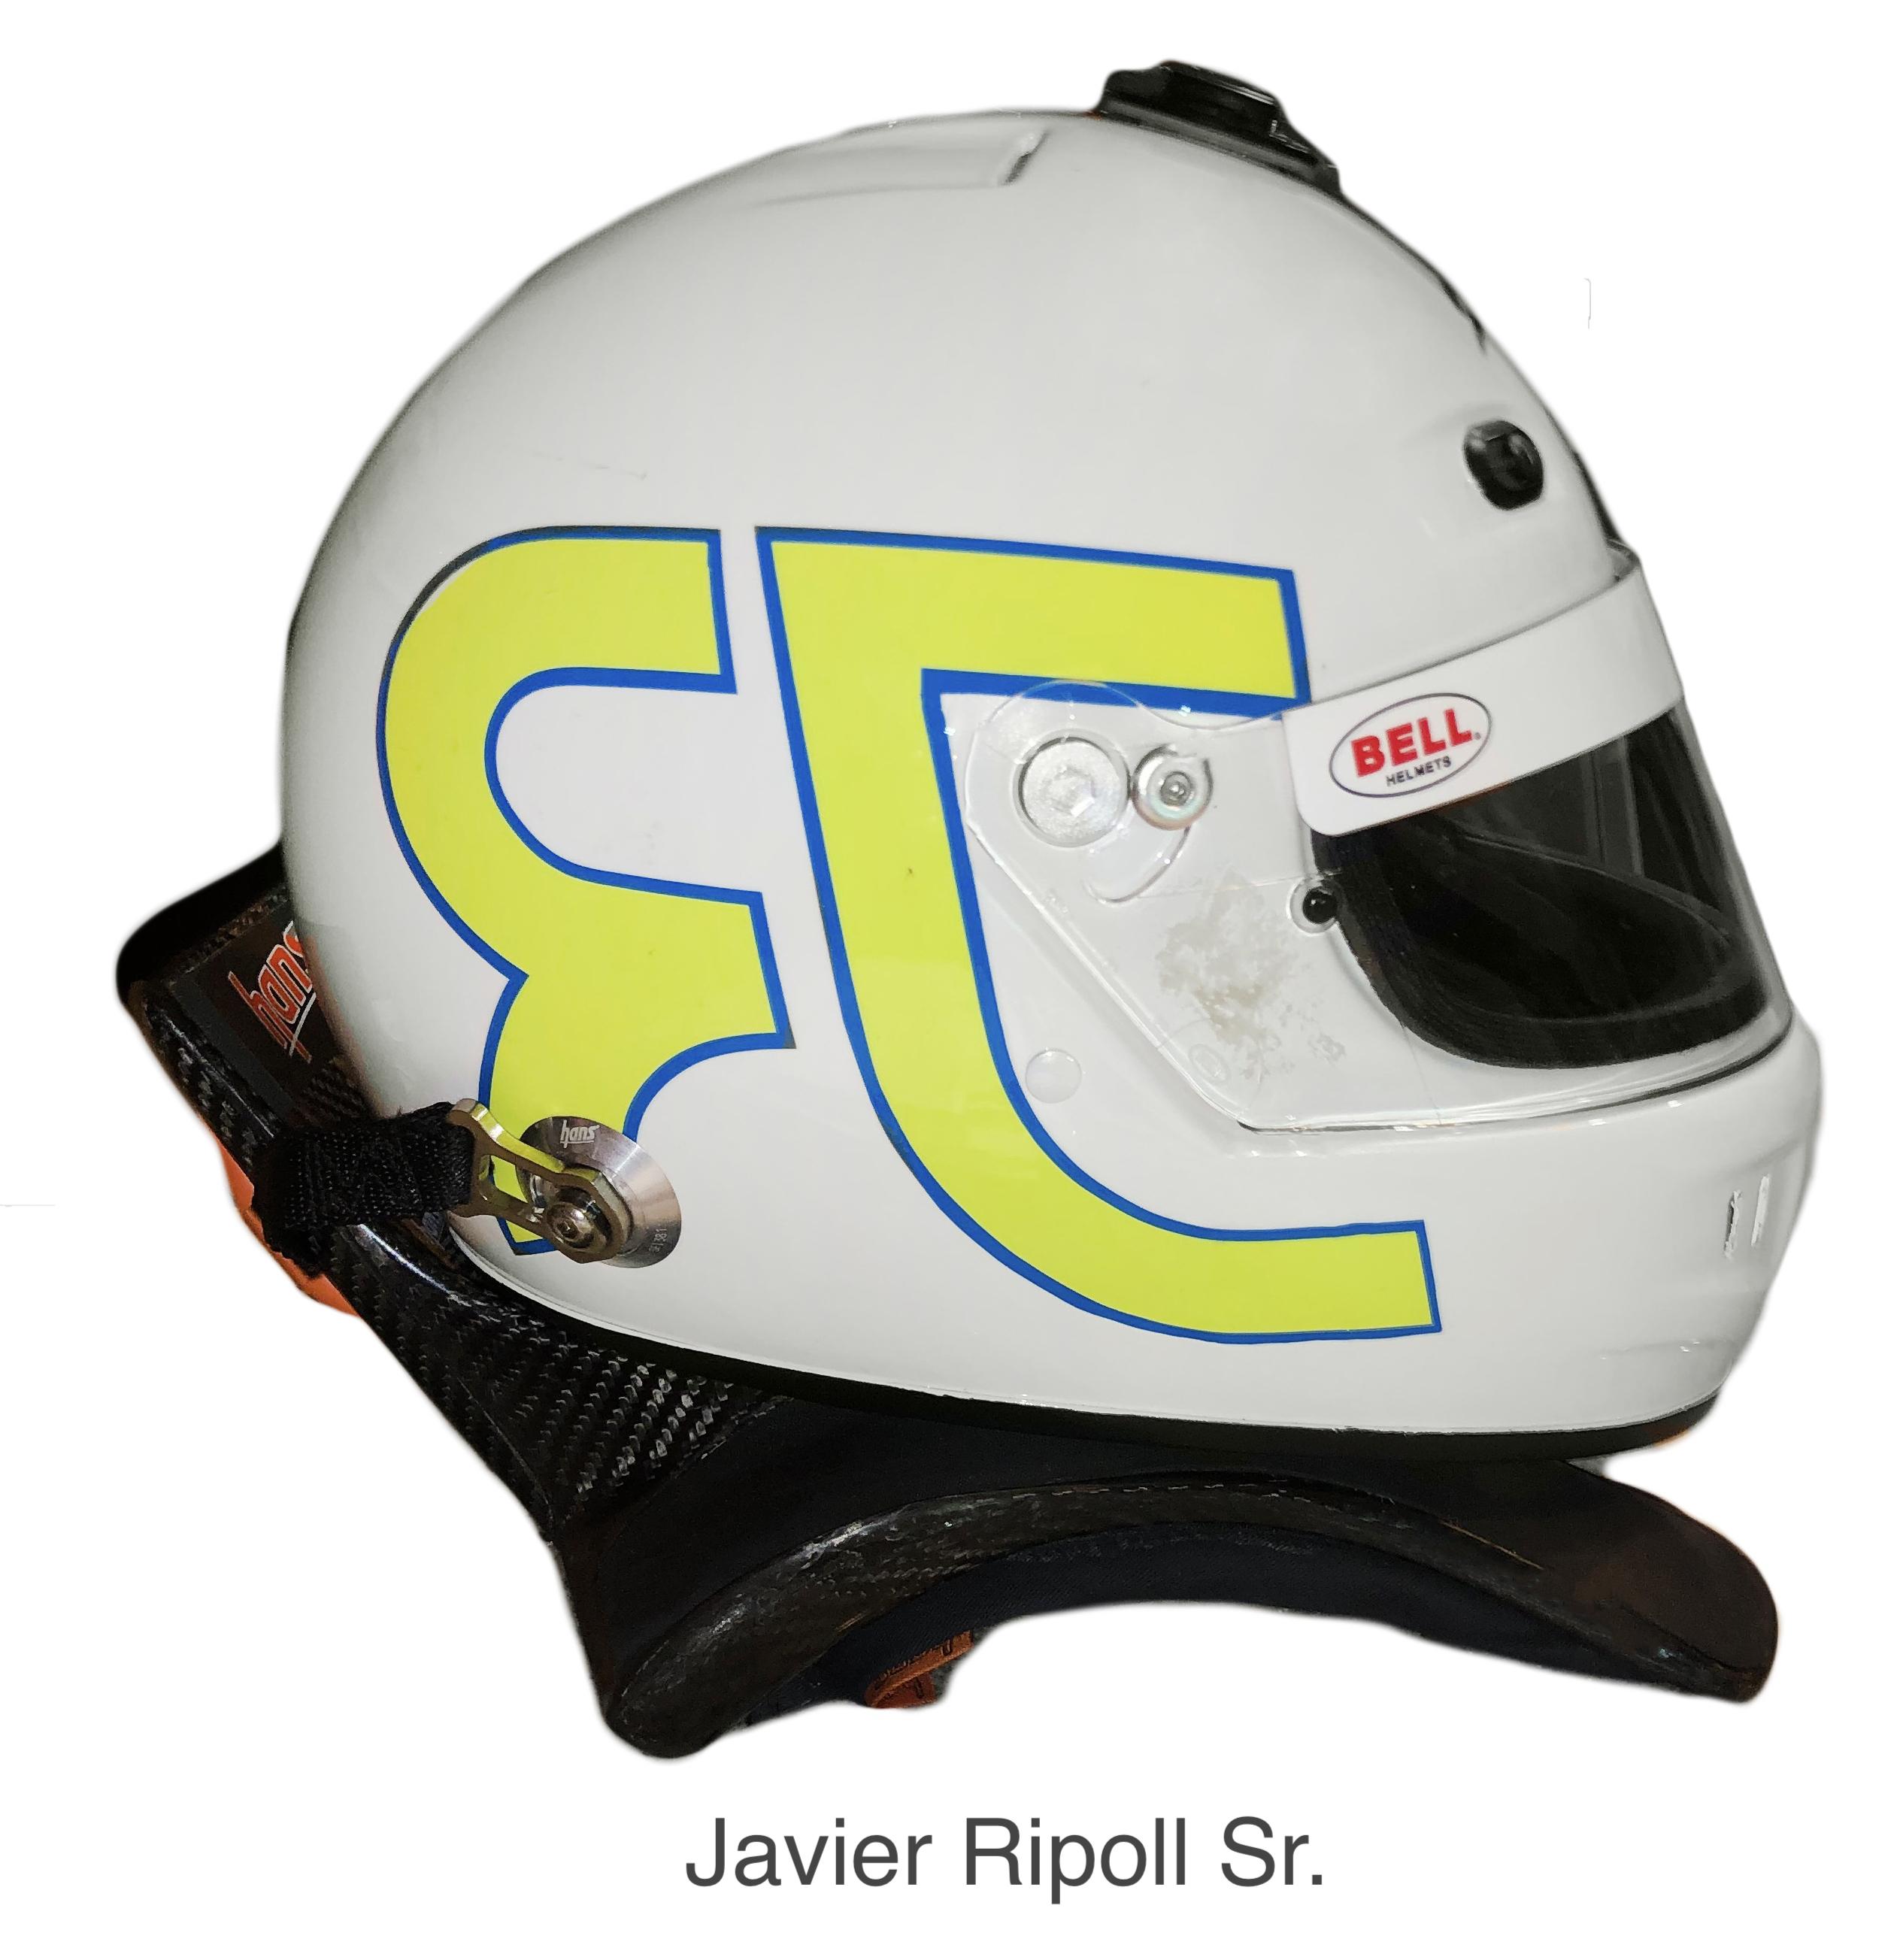 BELL Helmet Javier Ripoll Sr